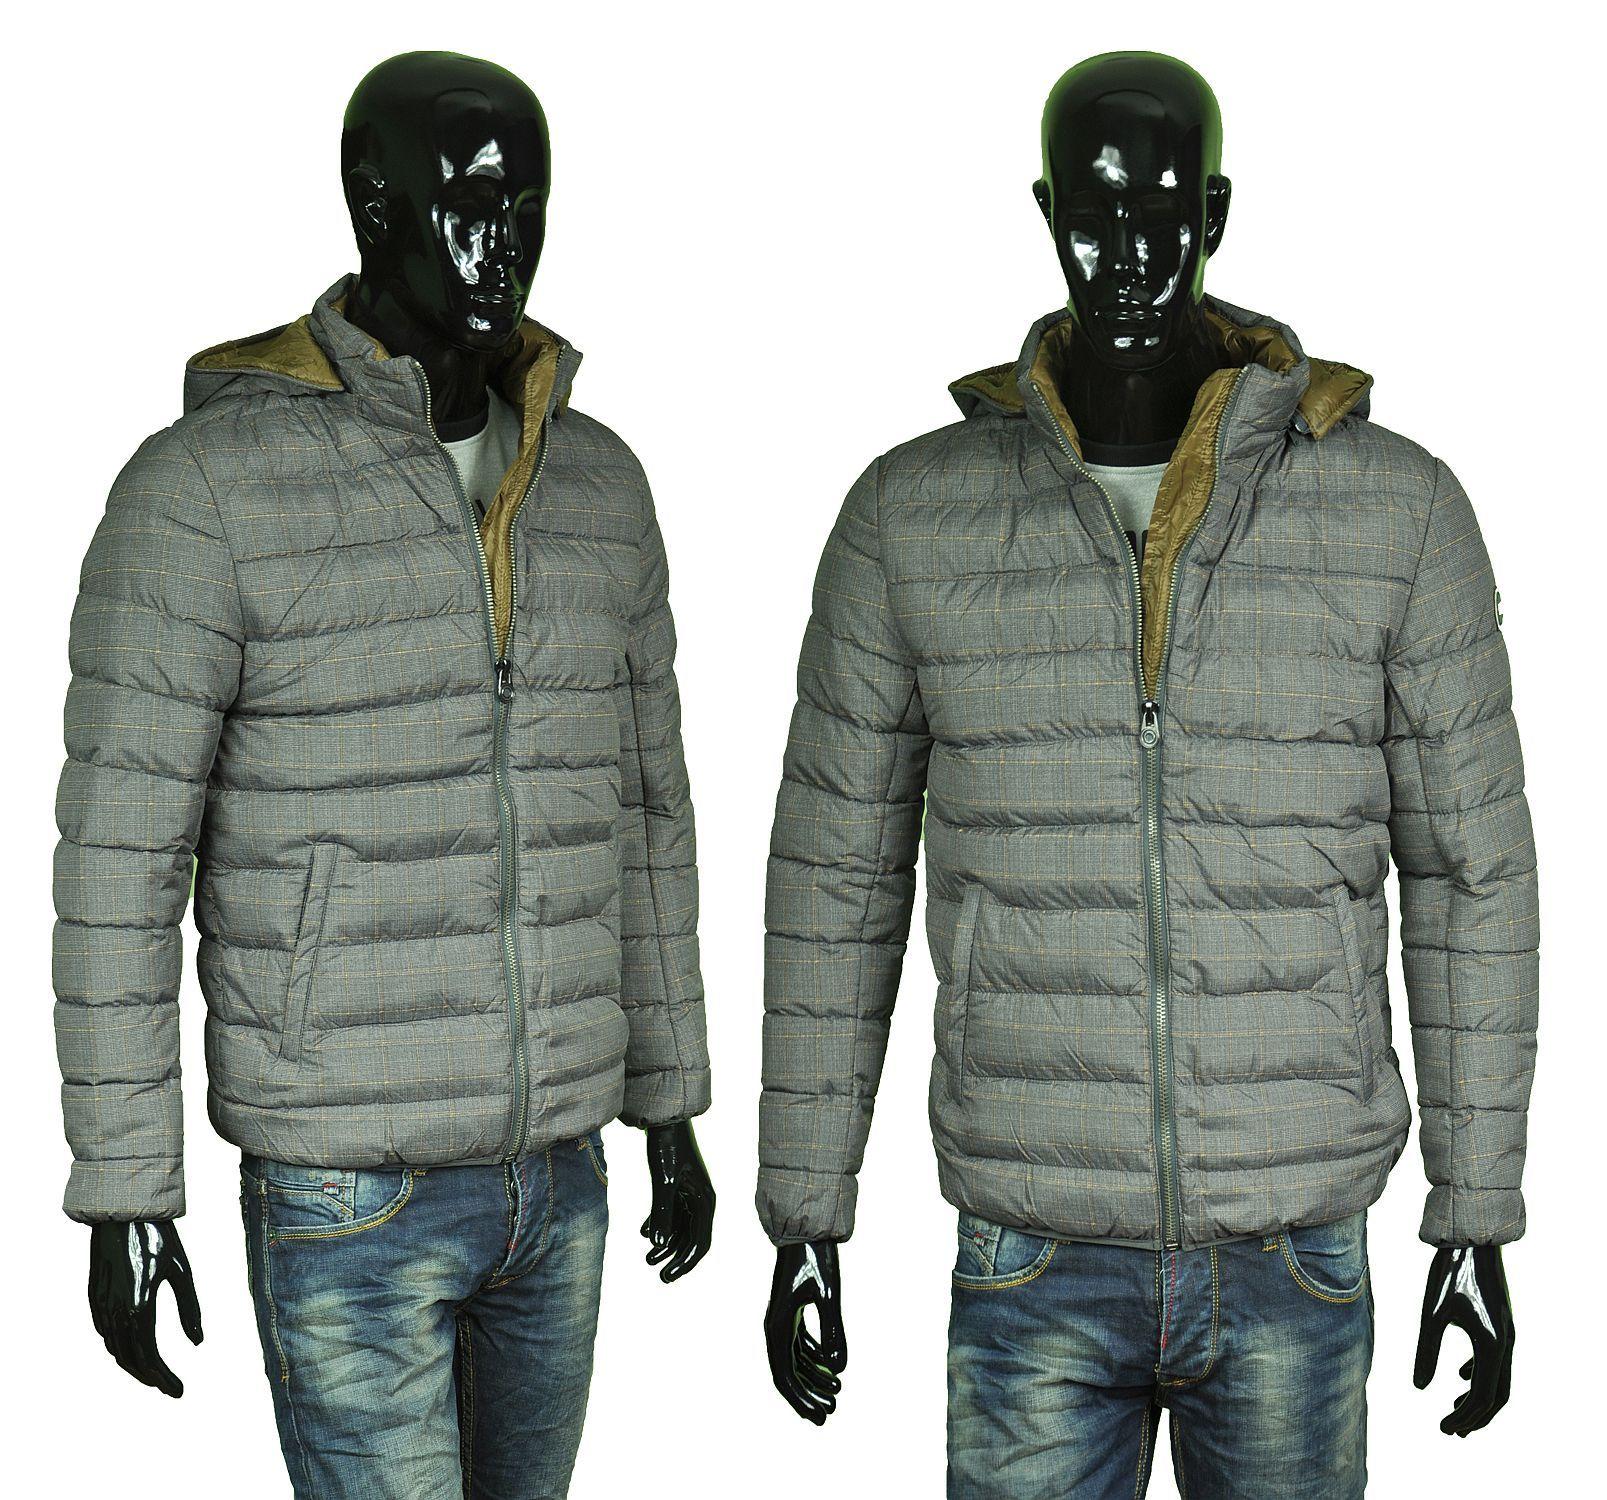 Kurtka Meska Pikowana Whd 01 Winter Jackets Jackets Street Style